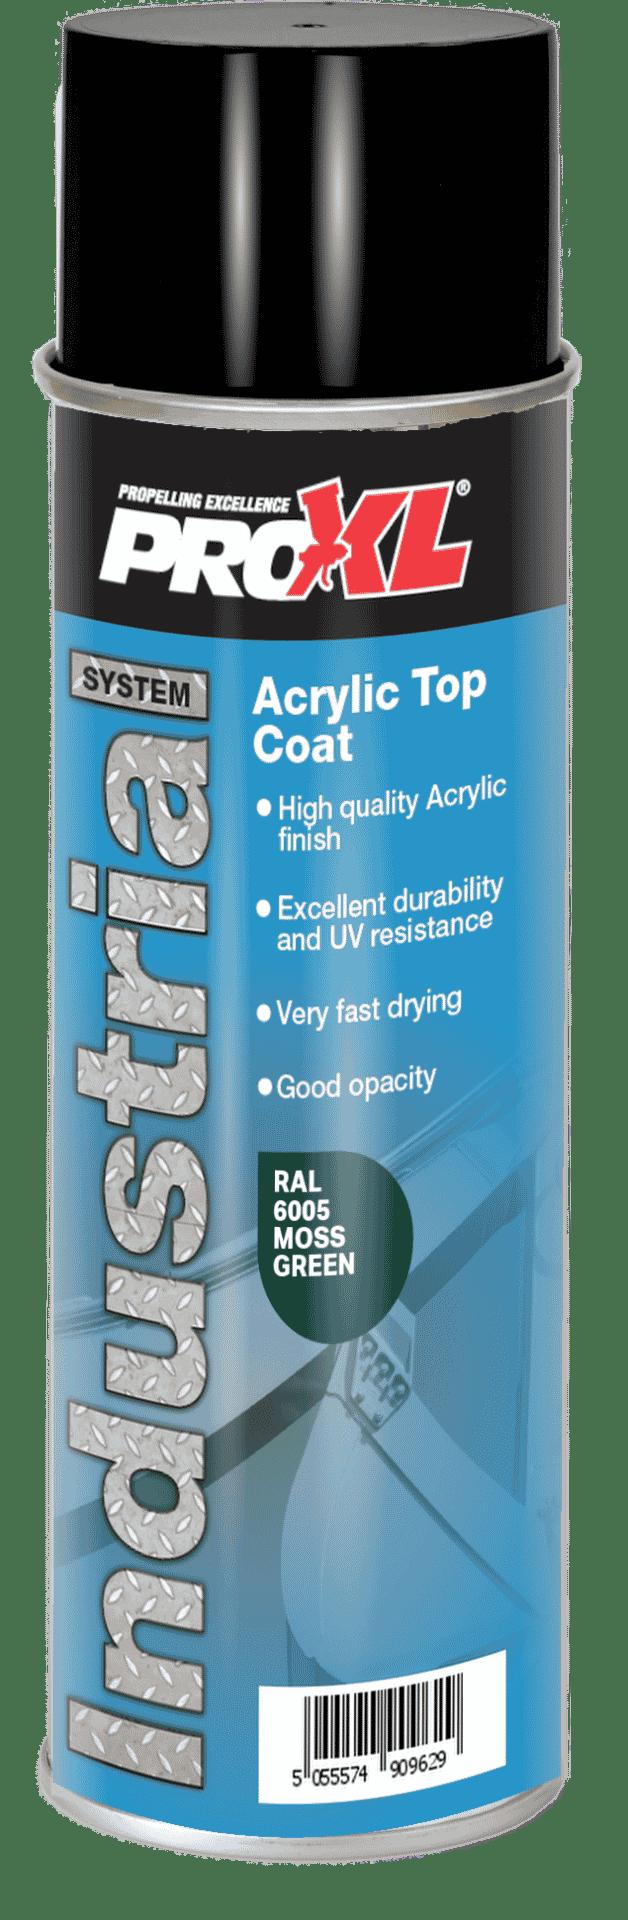 Acrylic Topcoat Aerosol – Pipeline Colours (500ml) Product Image